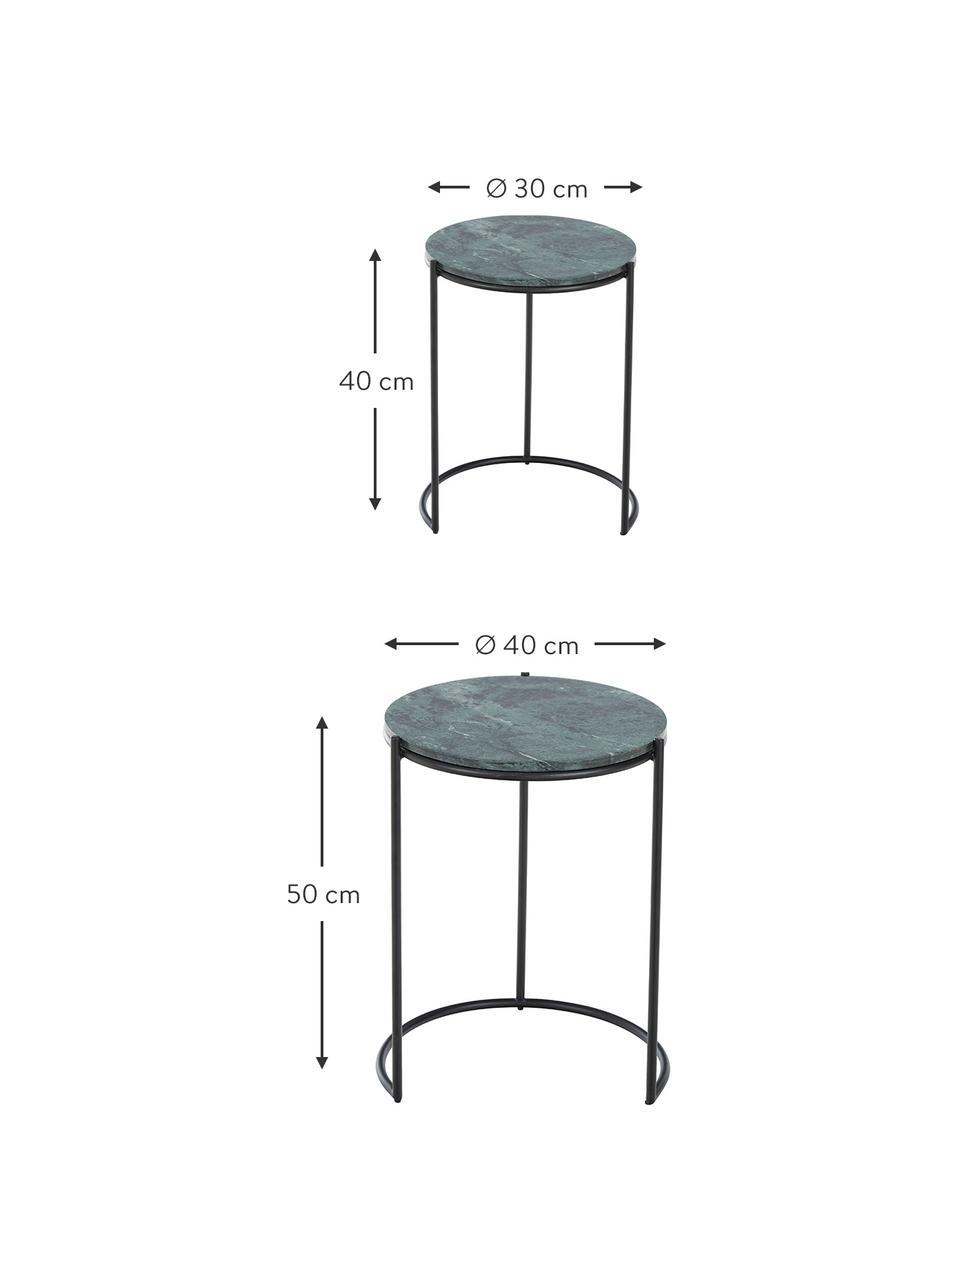 Marmor-Beistelltisch-Set Ella, 2-tlg., Grüner Marmor, Schwarz, Sondergrößen